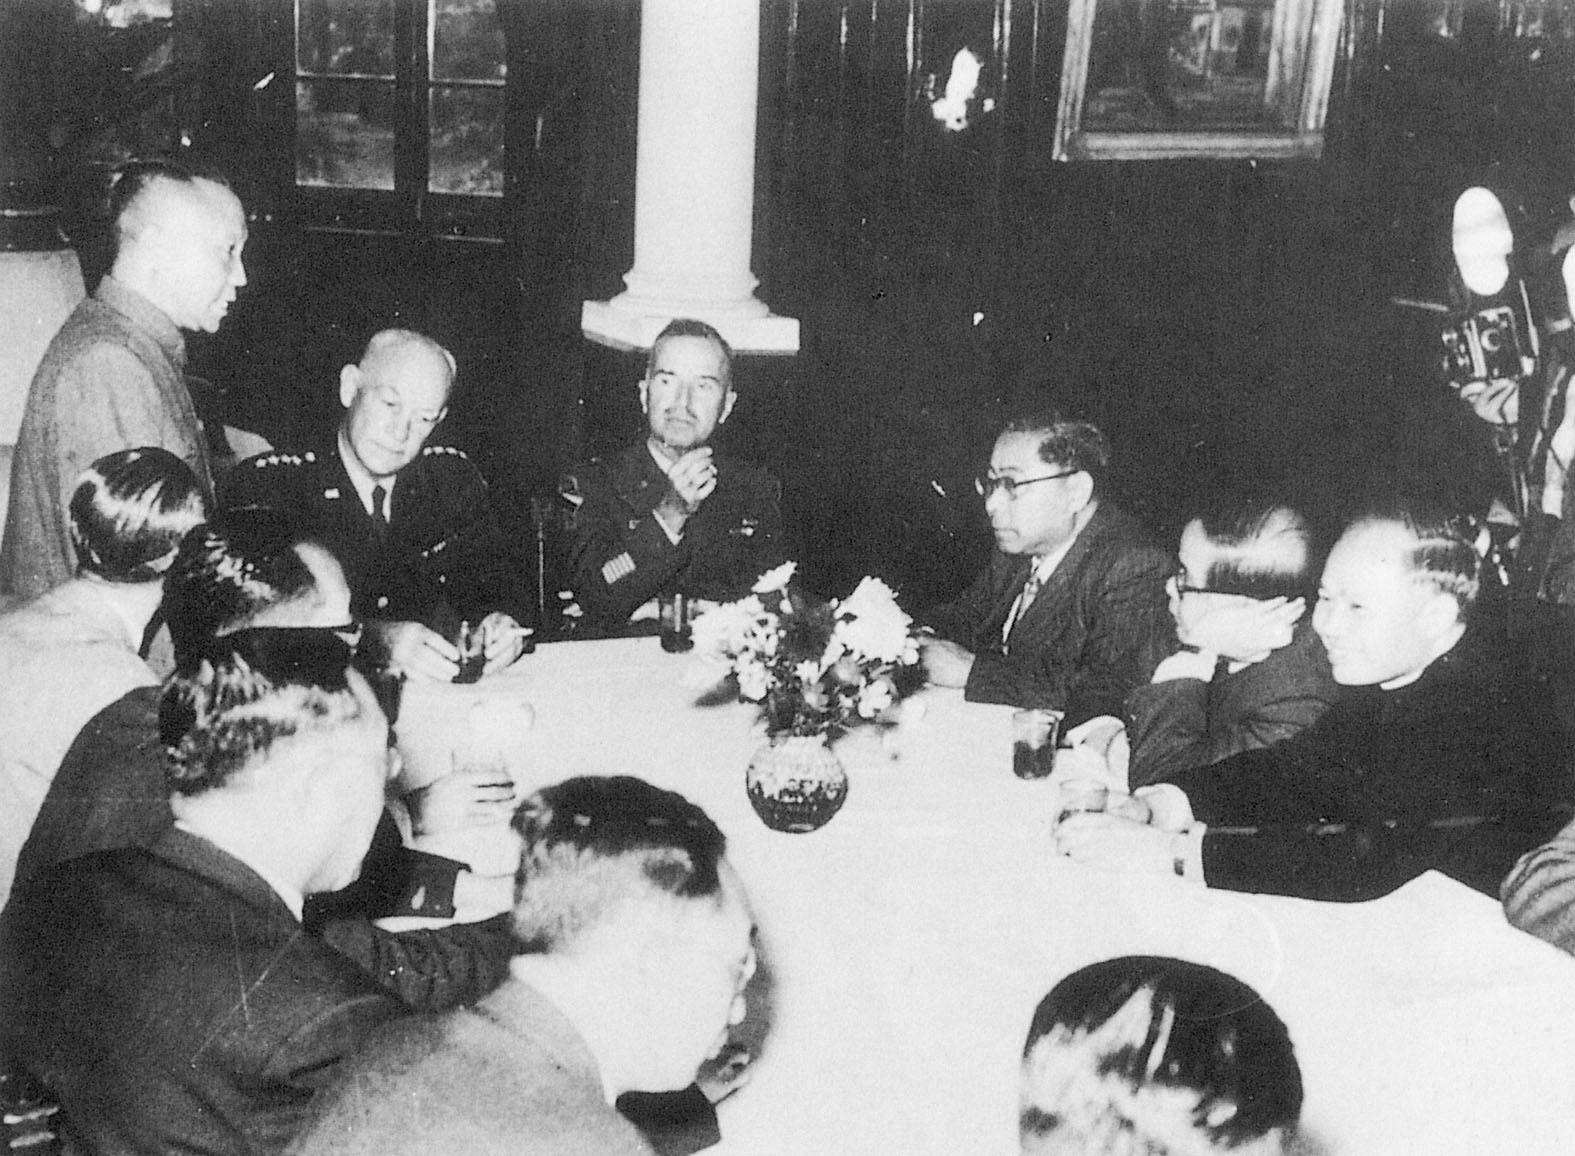 本會理事長谷正綱(圖左站立者)以「援助留韓反共義士委員會」總幹事身分,會見聯軍統帥赫爾上將(左三),提出嚴正聲明要求釋放滯韓義士。